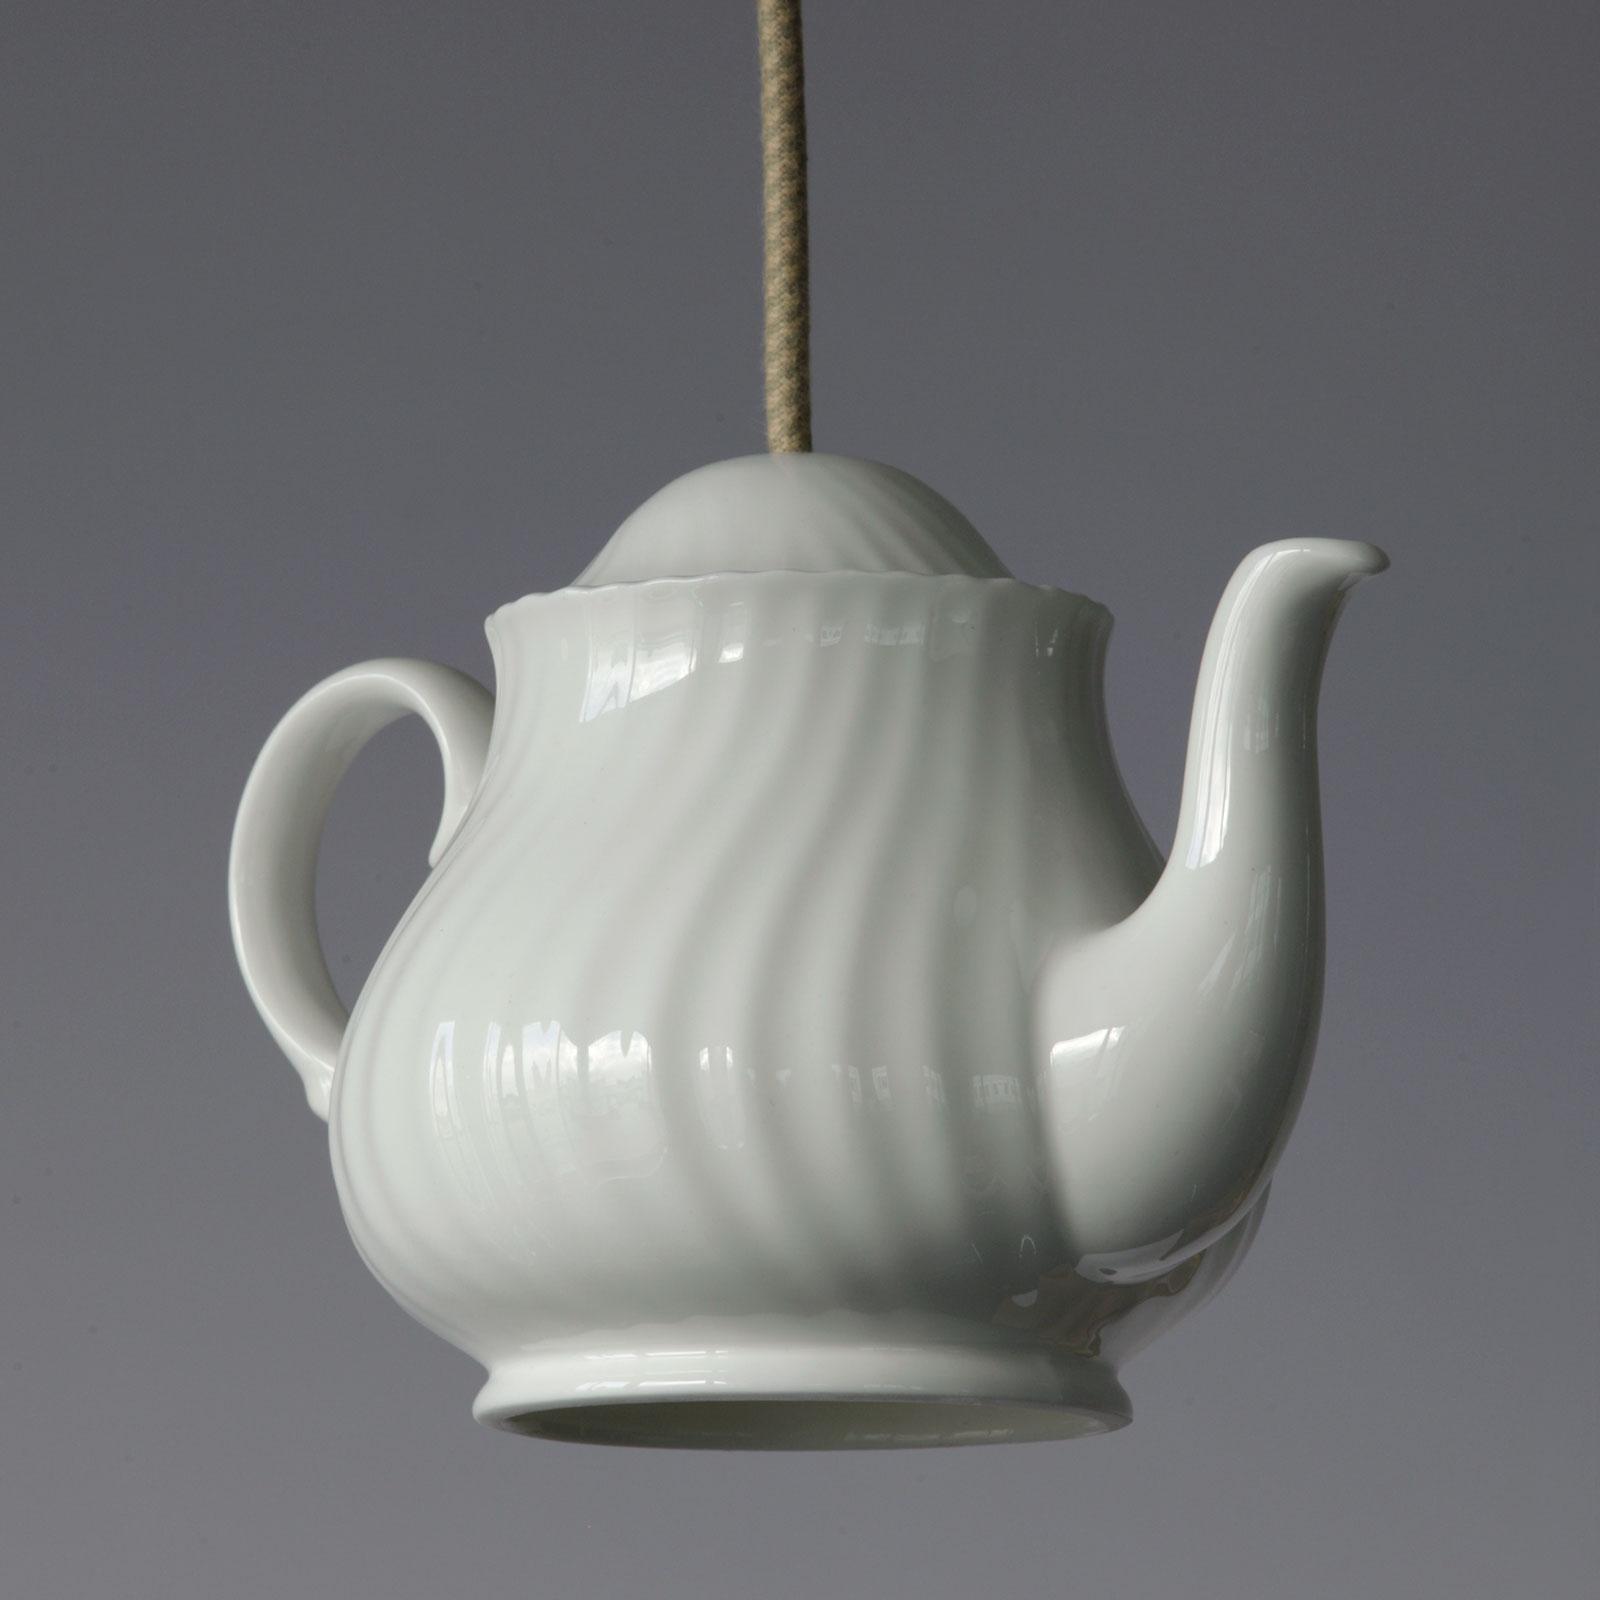 Hängeleuchte in Form einer Teekanne aus Porzellan